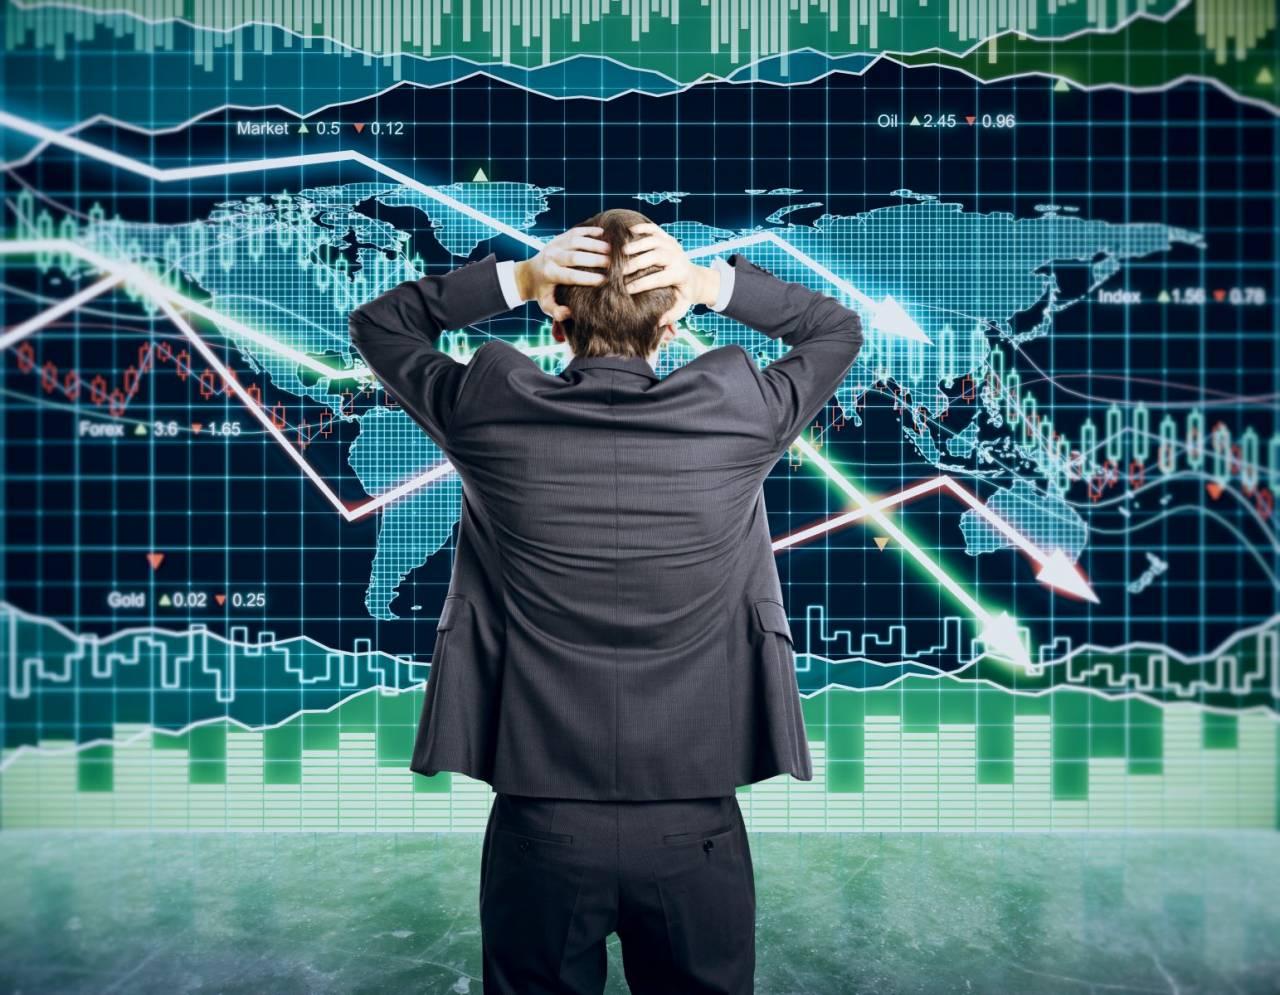 為何投資老將擔心股市崩跌65%?當計程車司機都在大談選股策略時,你就該警覺:泡沫恐怕要破了…